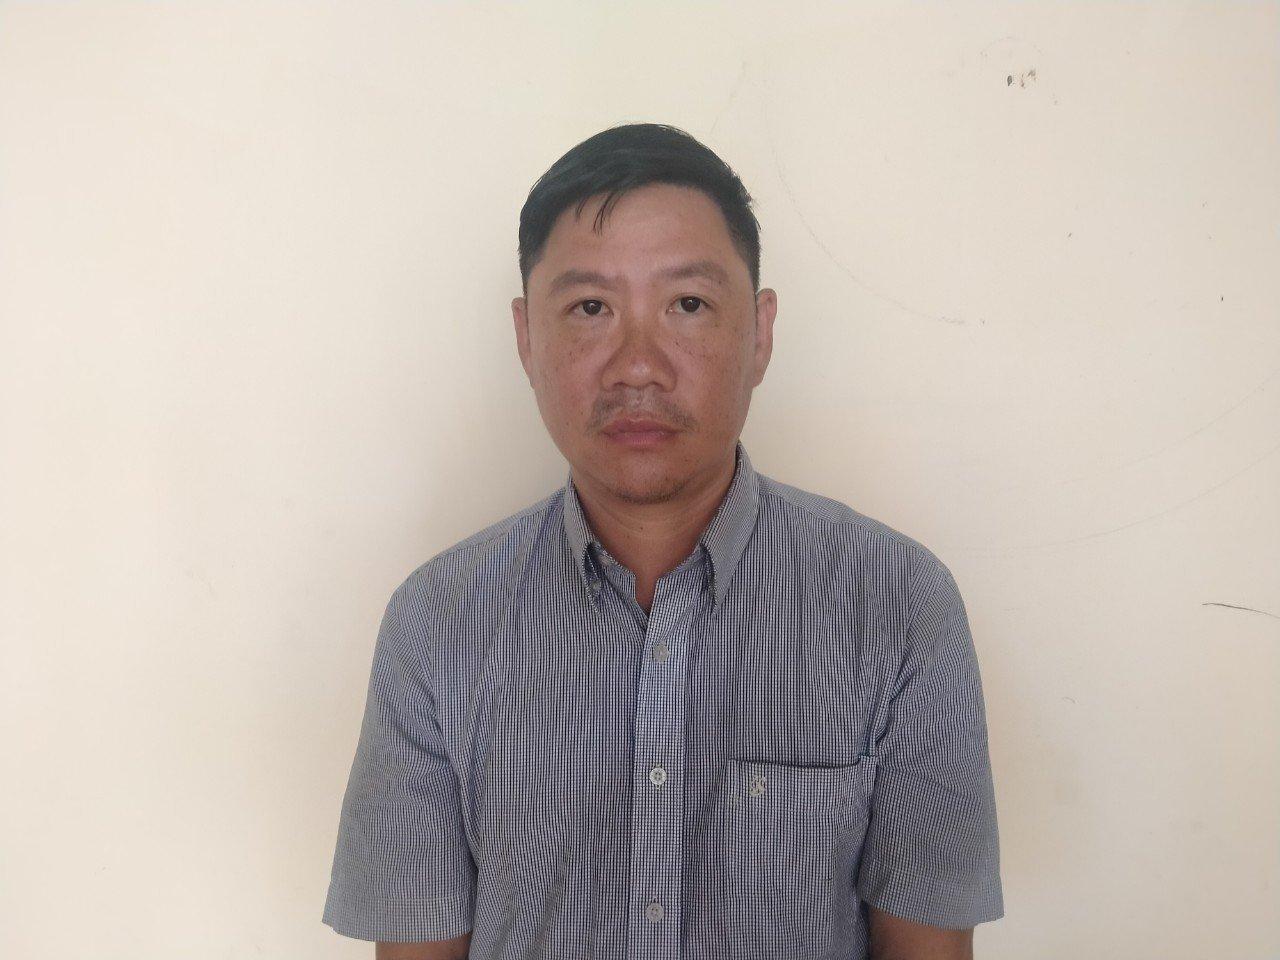 Nổ súng giải quyết mâu thuẫn ở Bình Phước, một người bị bắn chết